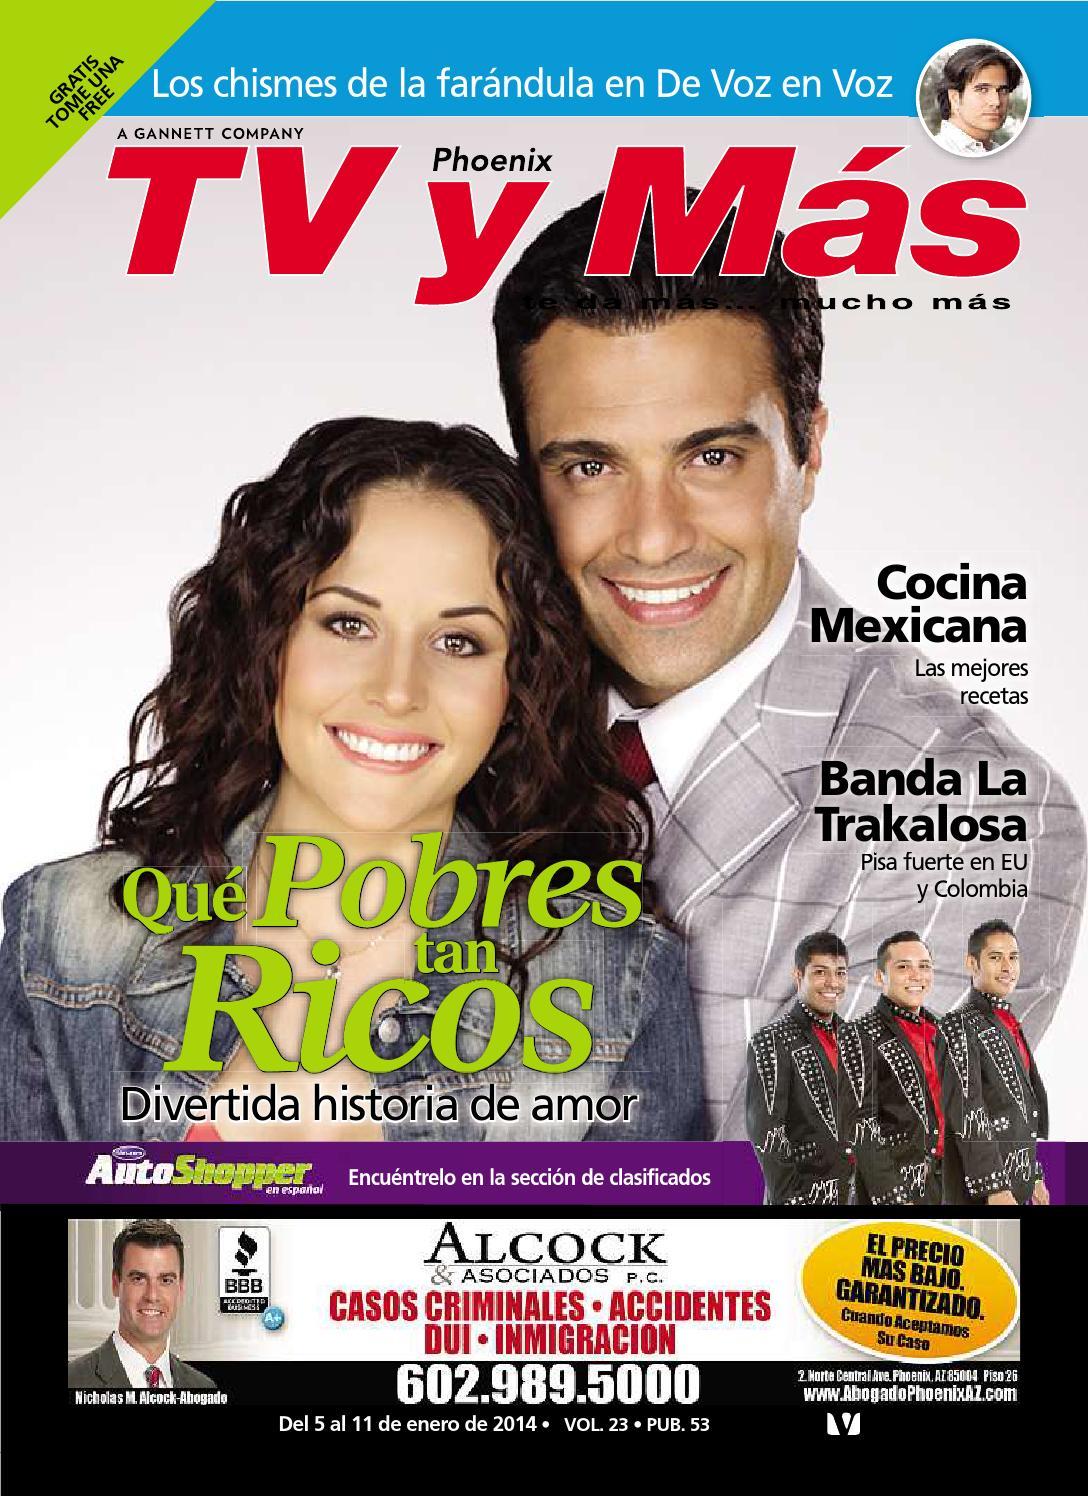 Amor A La Mexicana Movie 01052014 centralla voz publishing - issuu